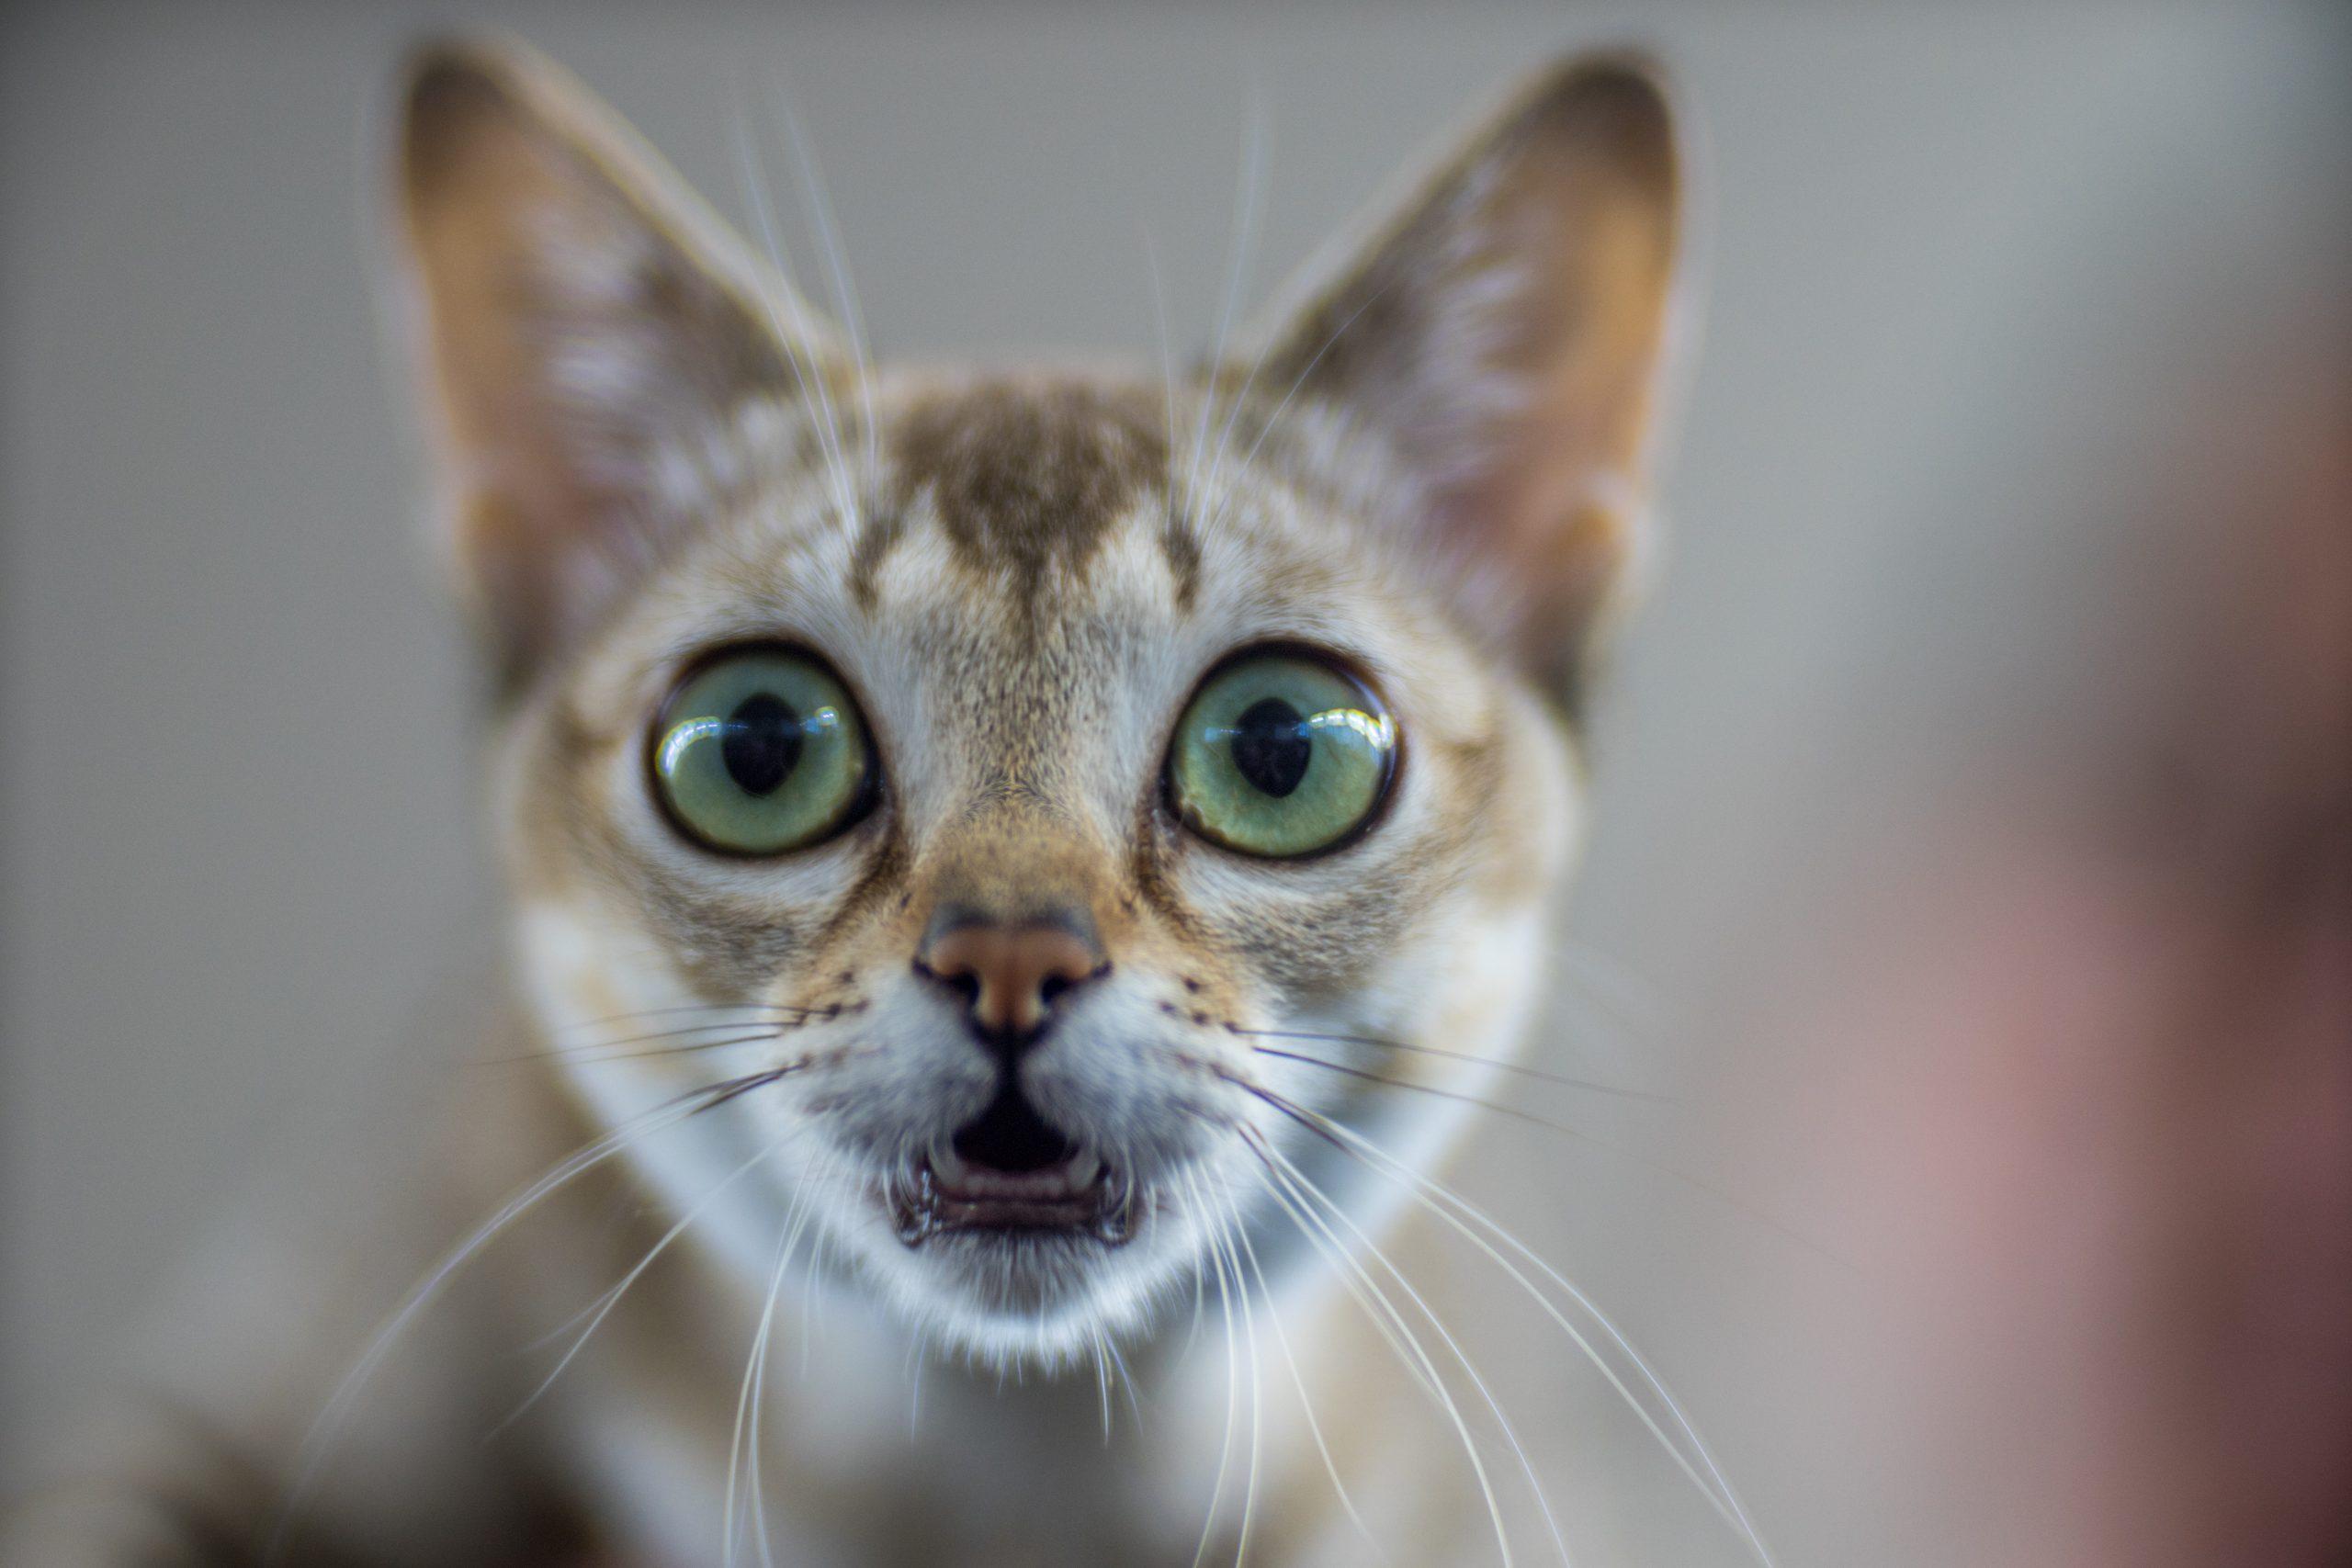 Singapore cat - portrait - Pedigree Cat